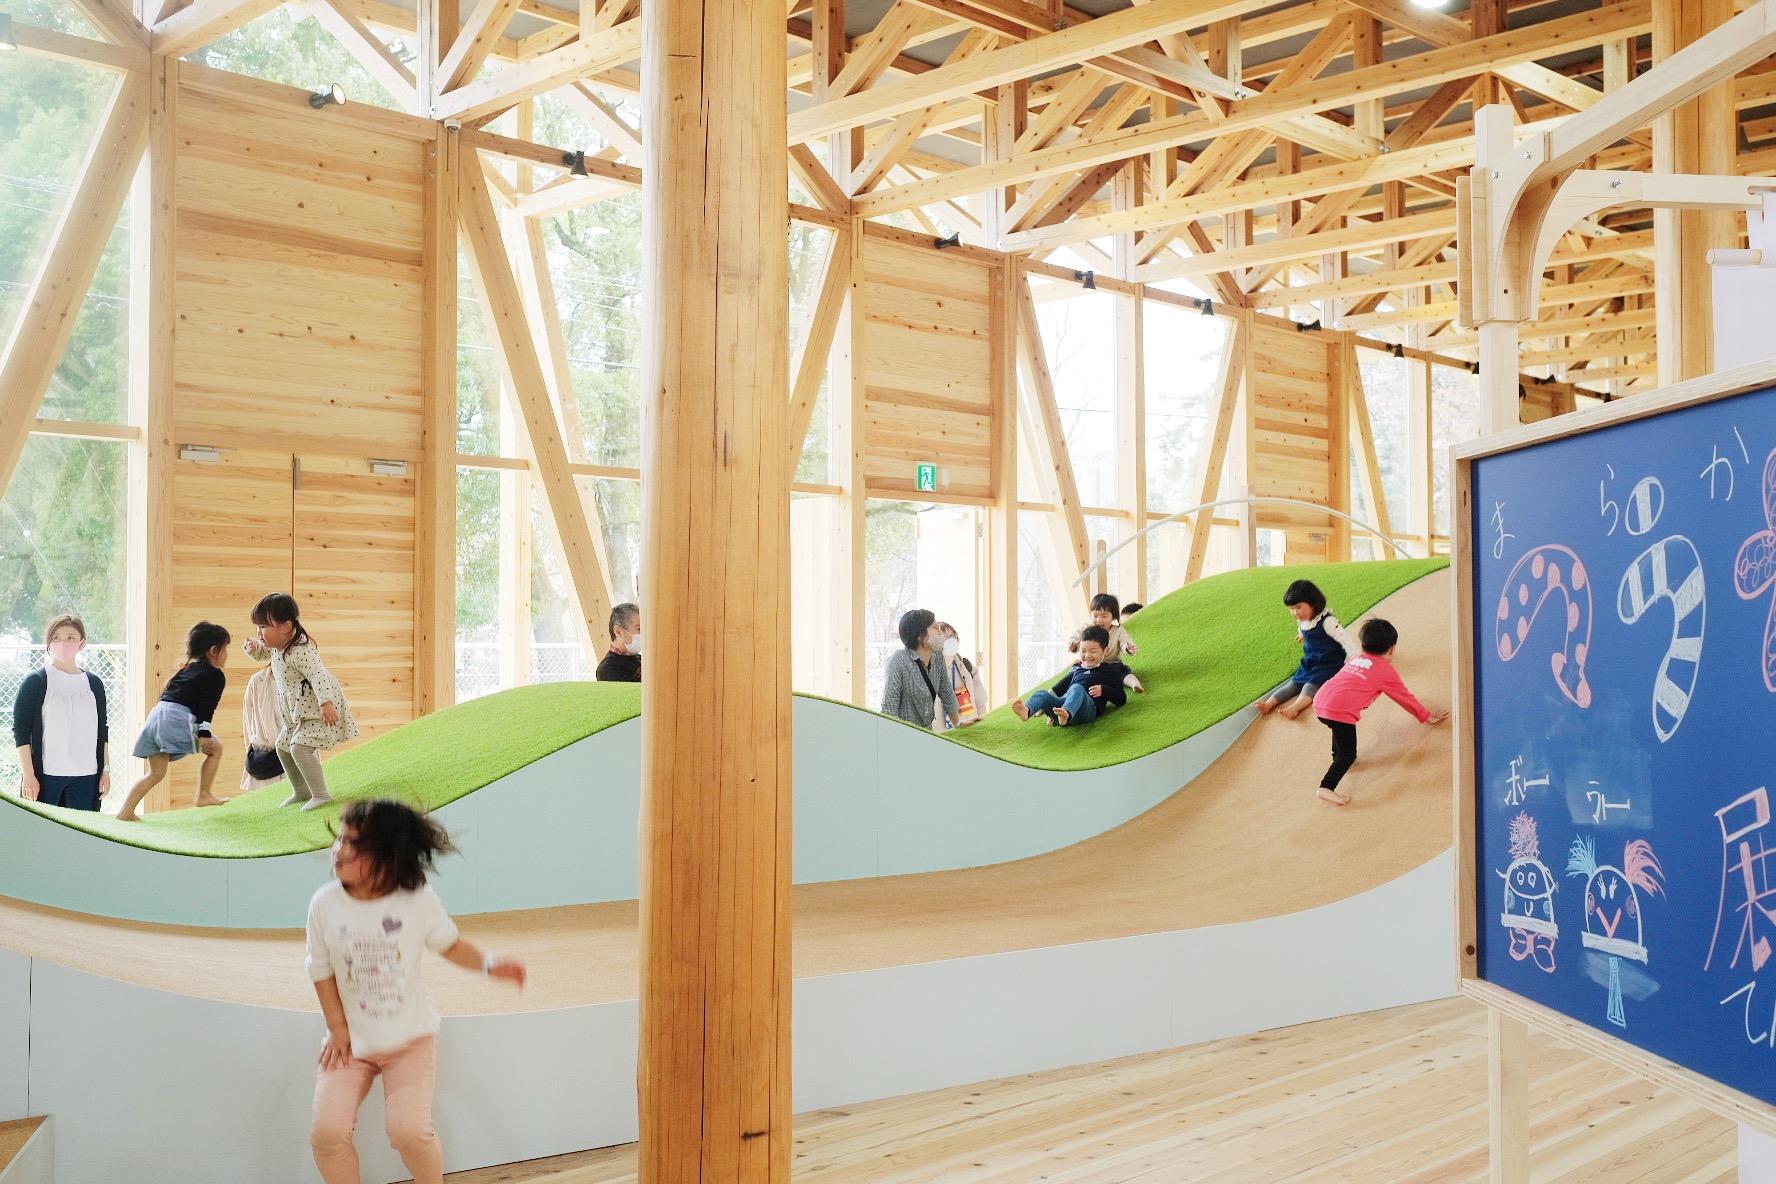 岐阜に「KAKAMIGAHARA PARK BRIDGE(カカミガハラ パーク ブリッジ)」が誕生!気になる公園の魅力をレポート - image12